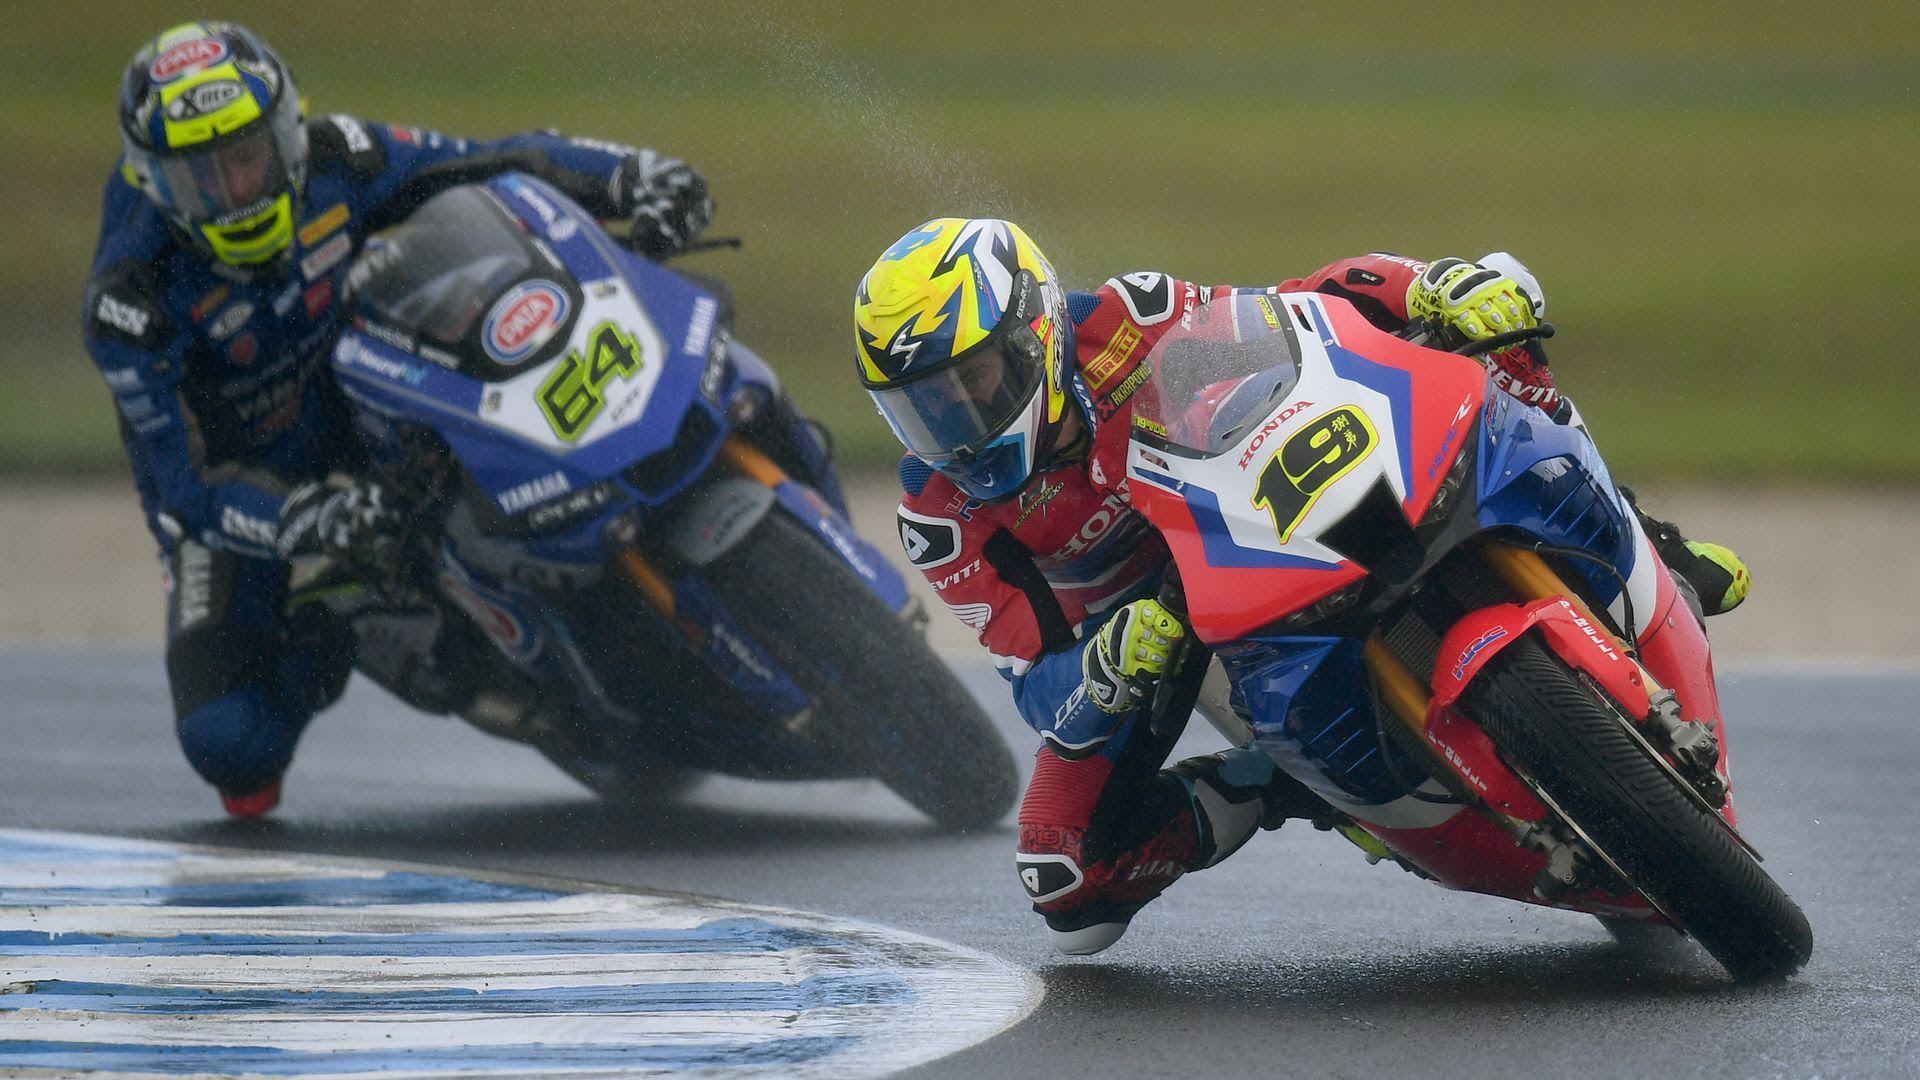 Superbike World Championship gets underway in Australia